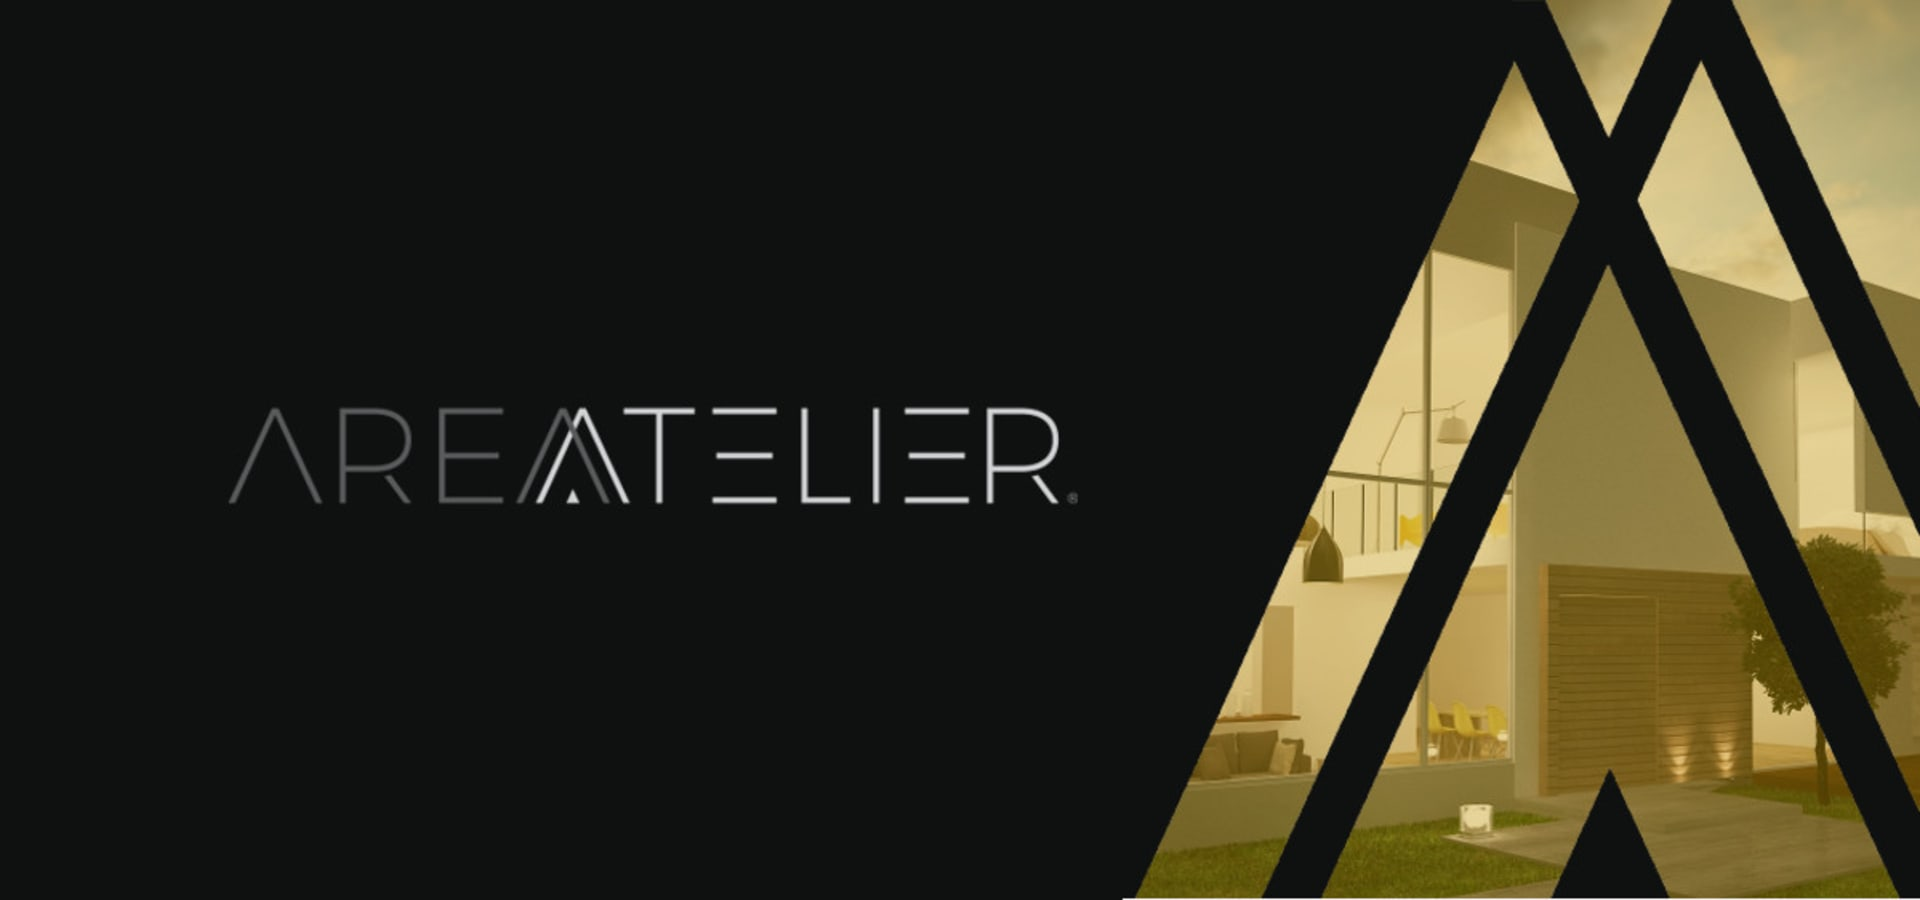 Área Atelier